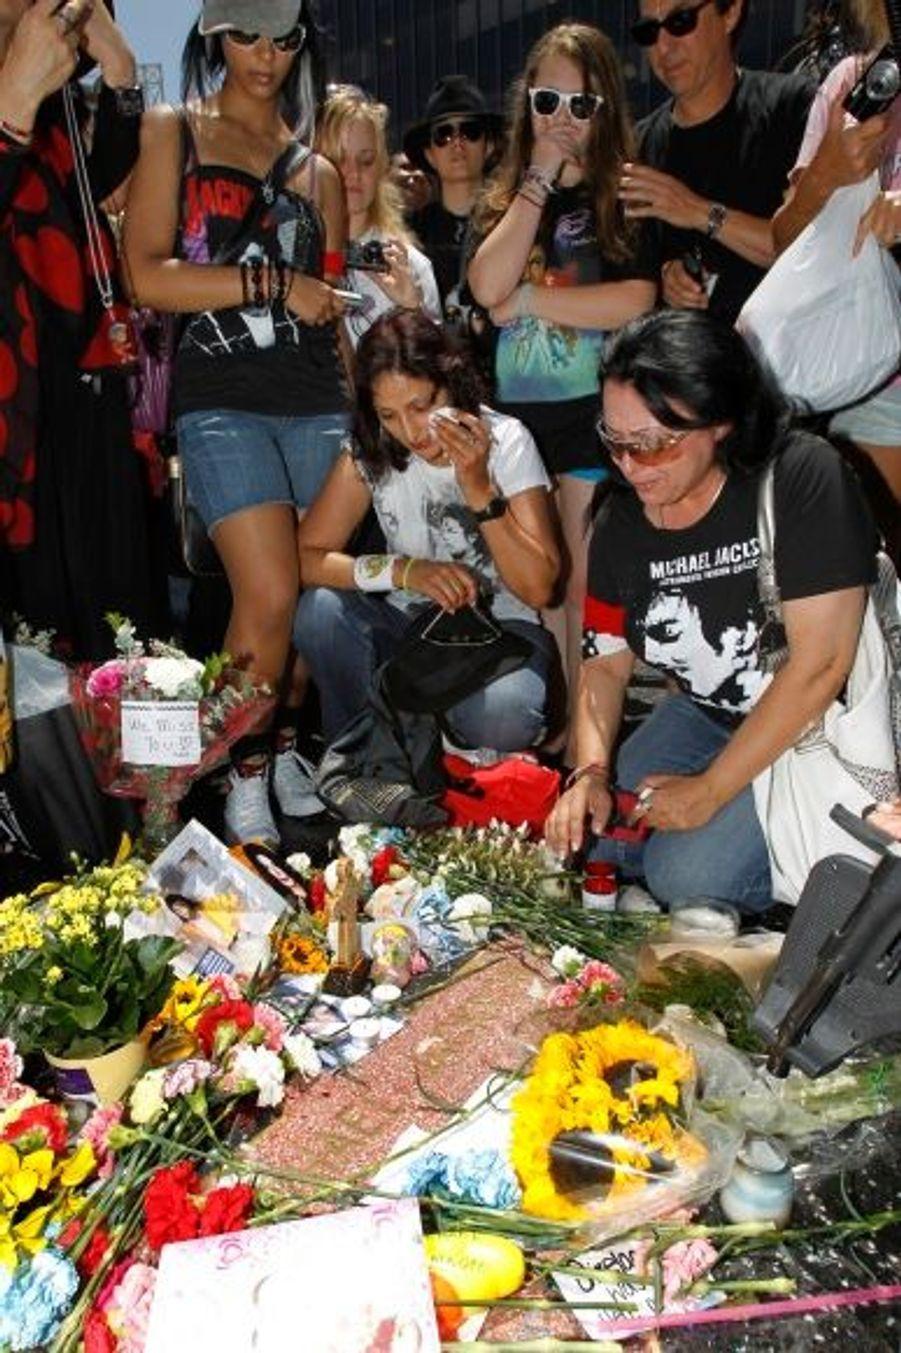 A Hollywood, l'émotion était intense sur le célèbre Walk of Fame au niveau de l'étoile de MJ.